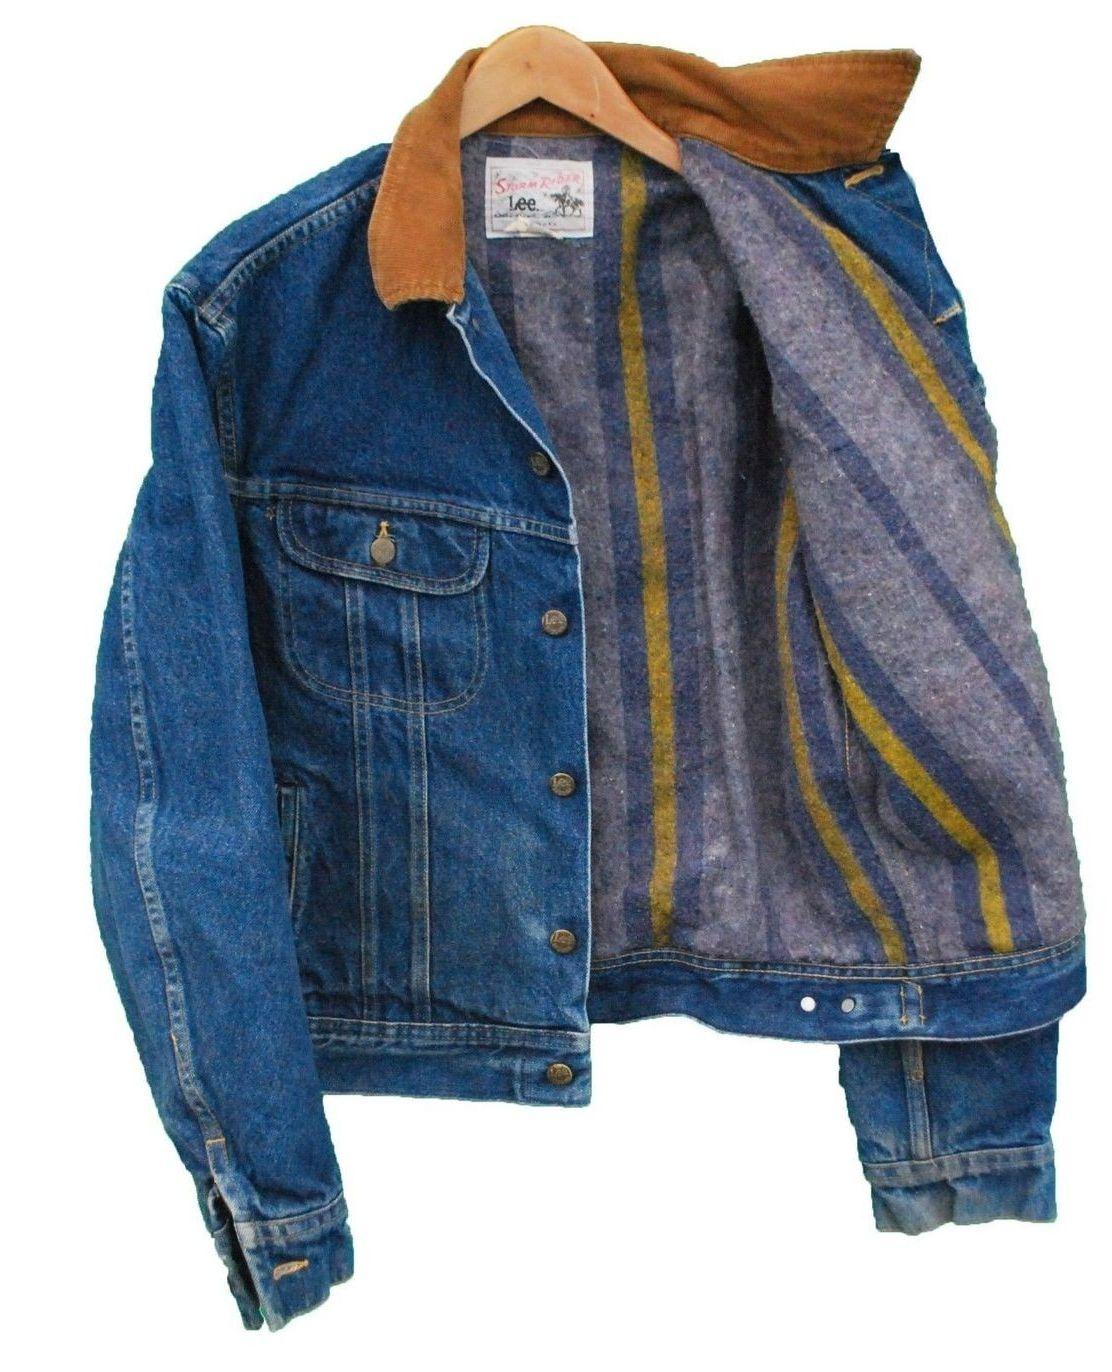 Blanket Lined Lee Rider Jacket Vintage Denim Jeans Lee Denim Jacket Denim Jacket [ 1372 x 1112 Pixel ]